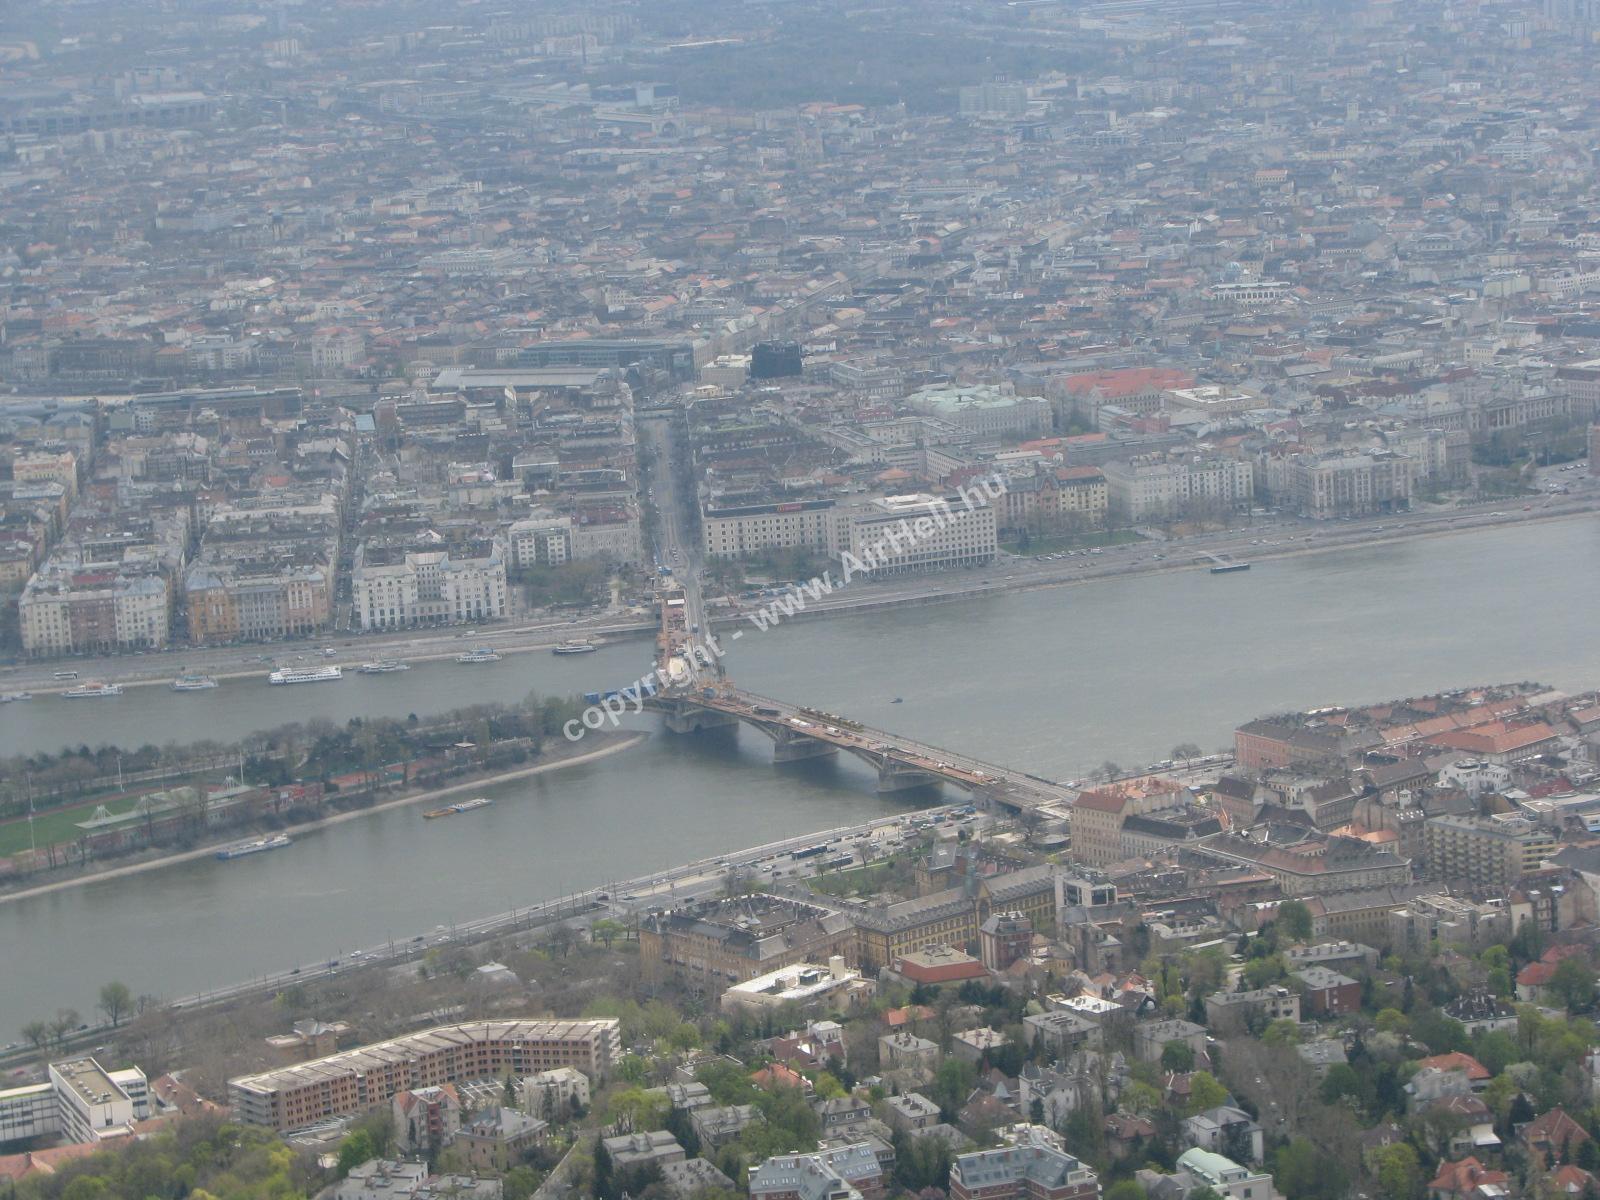 Szombati szülinapi repülés, 2010. április: Budapest repules